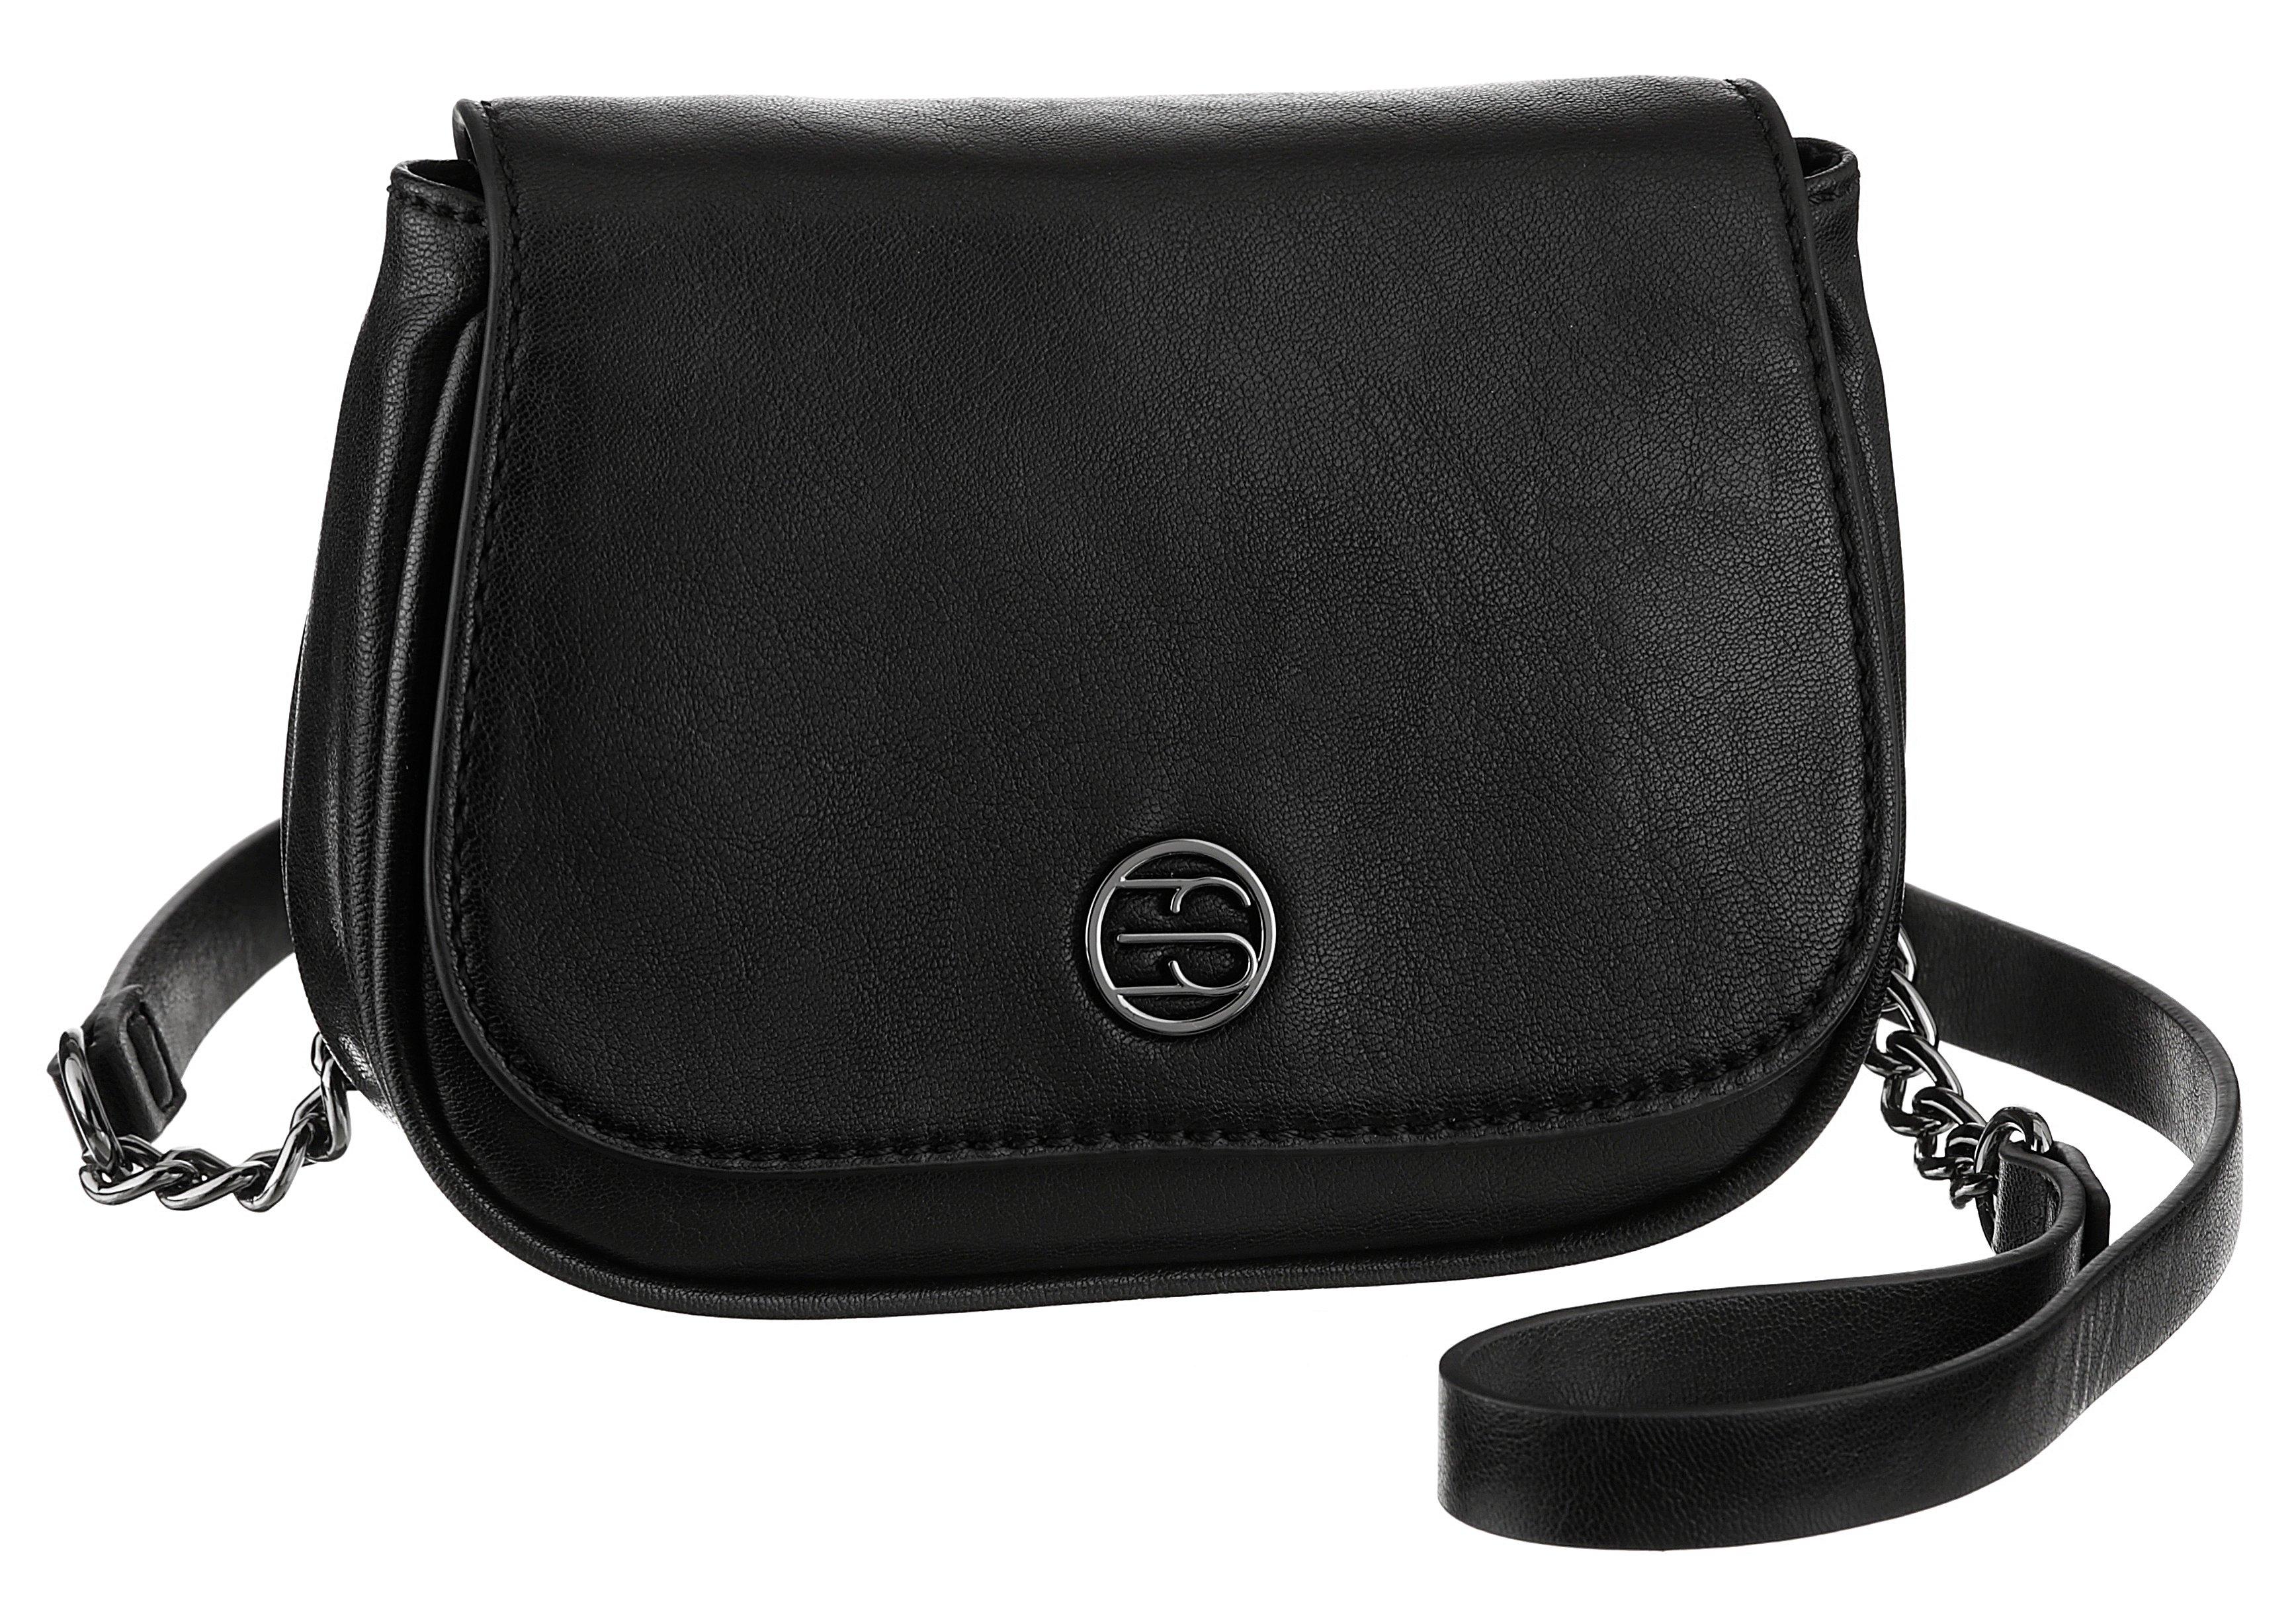 ESPRIT mini-bag voordelig en veilig online kopen